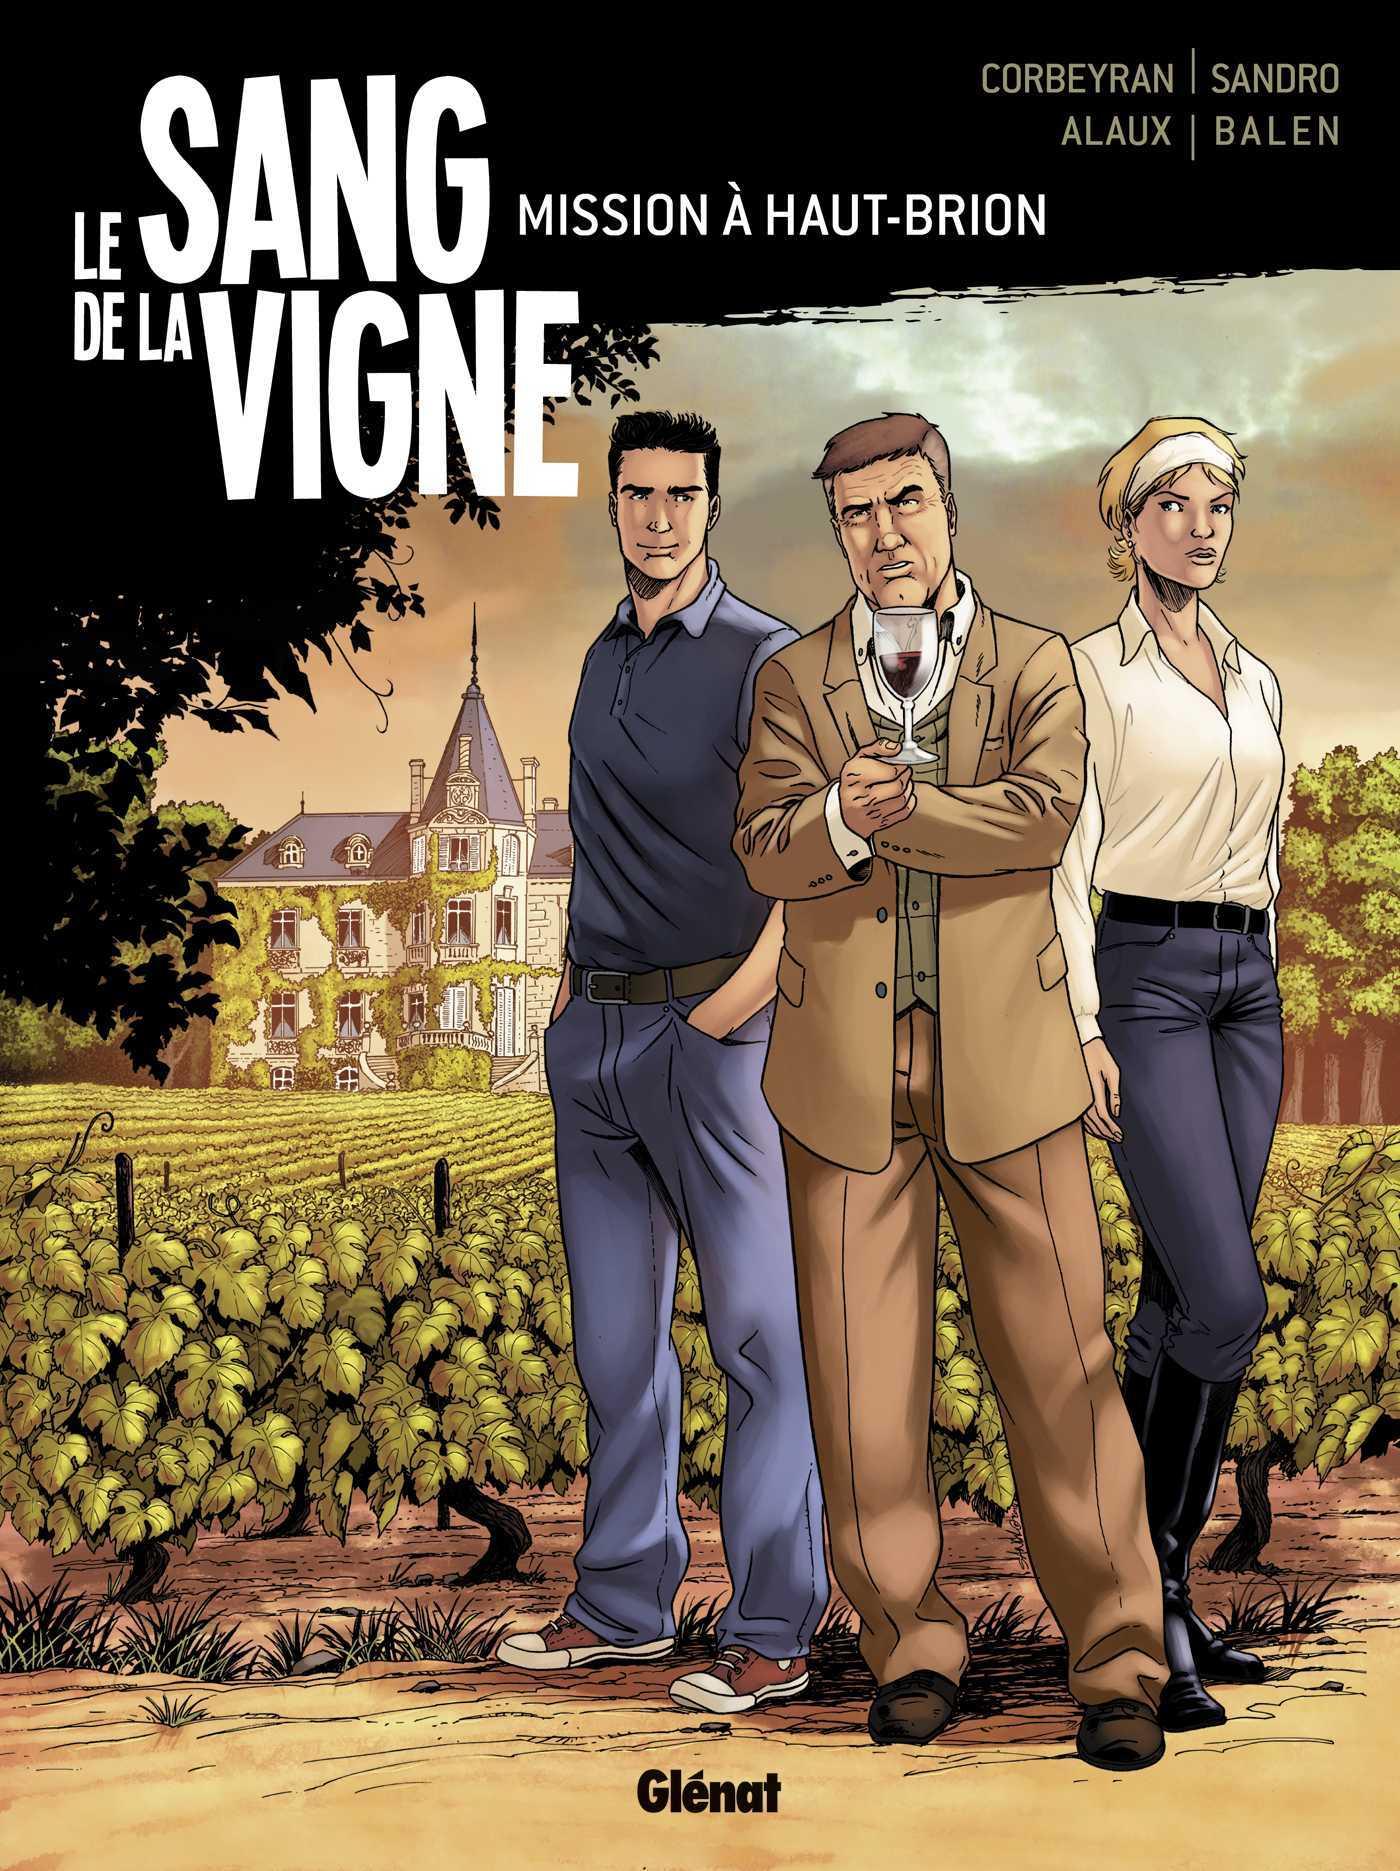 Le Sang de la vigne, entourloupe dans le Bordelais